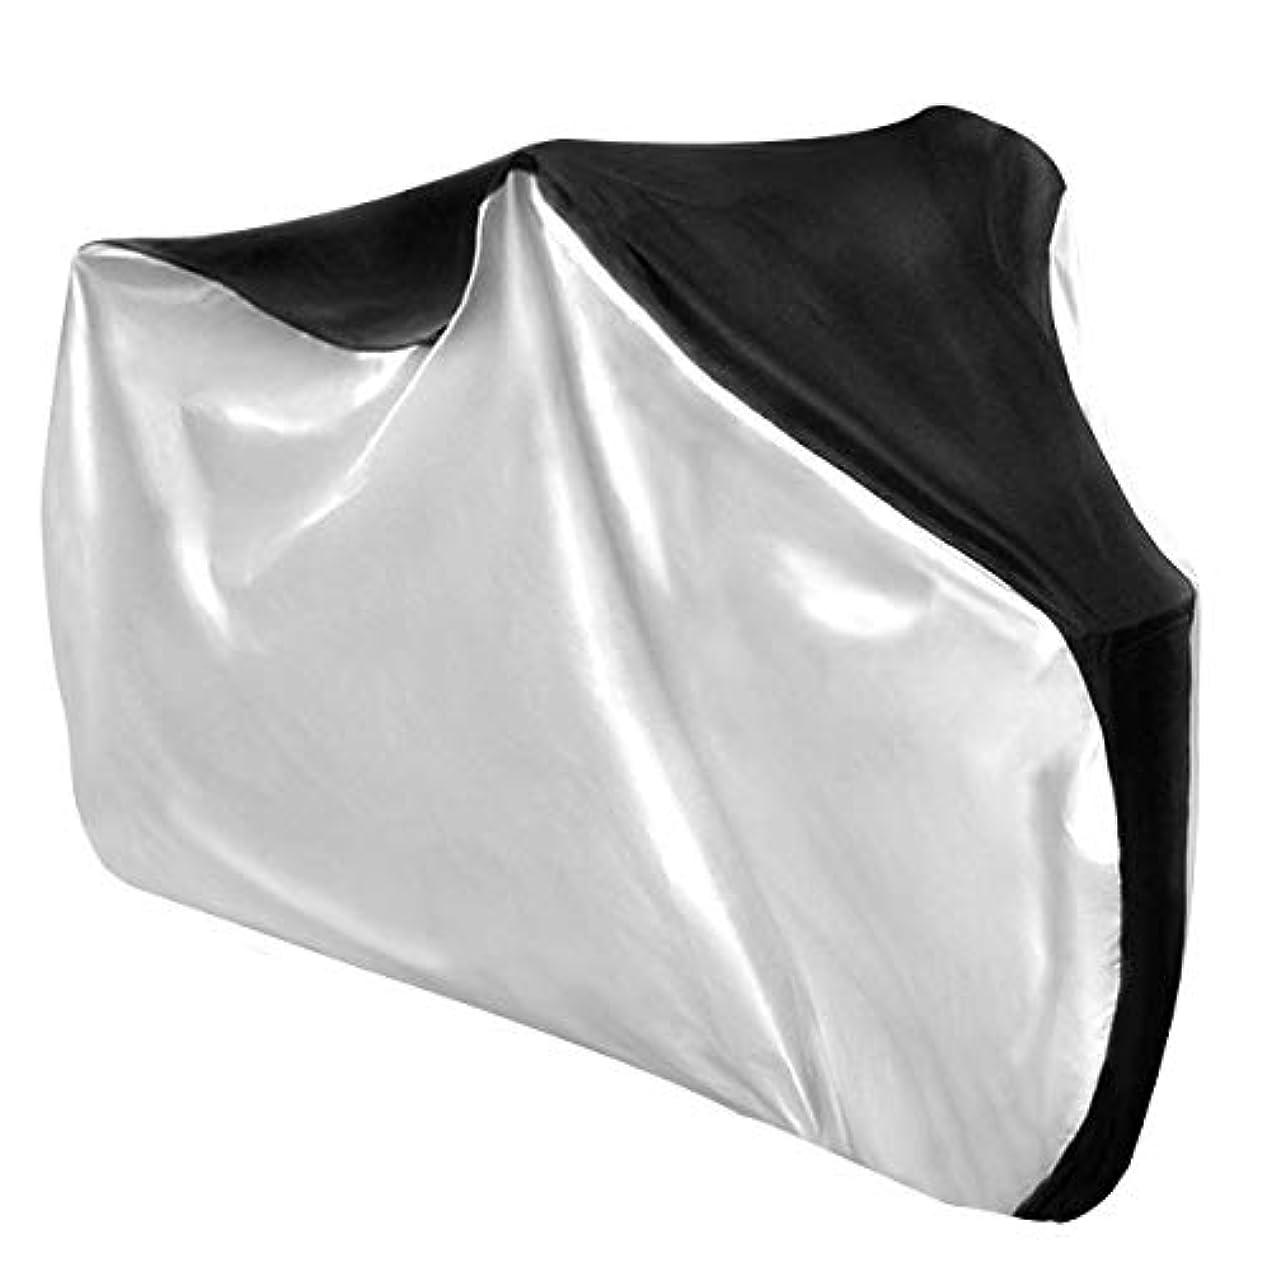 光景枕ベッドFANTAST 自転車カバー サイクルカバー バイクカバー 210D UVカット 厚手 オックス製 風飛び防止 防水 防塵 防風 耐熱 鍵穴盗難防止 29インチまで対応 収納袋付き 破れにくい